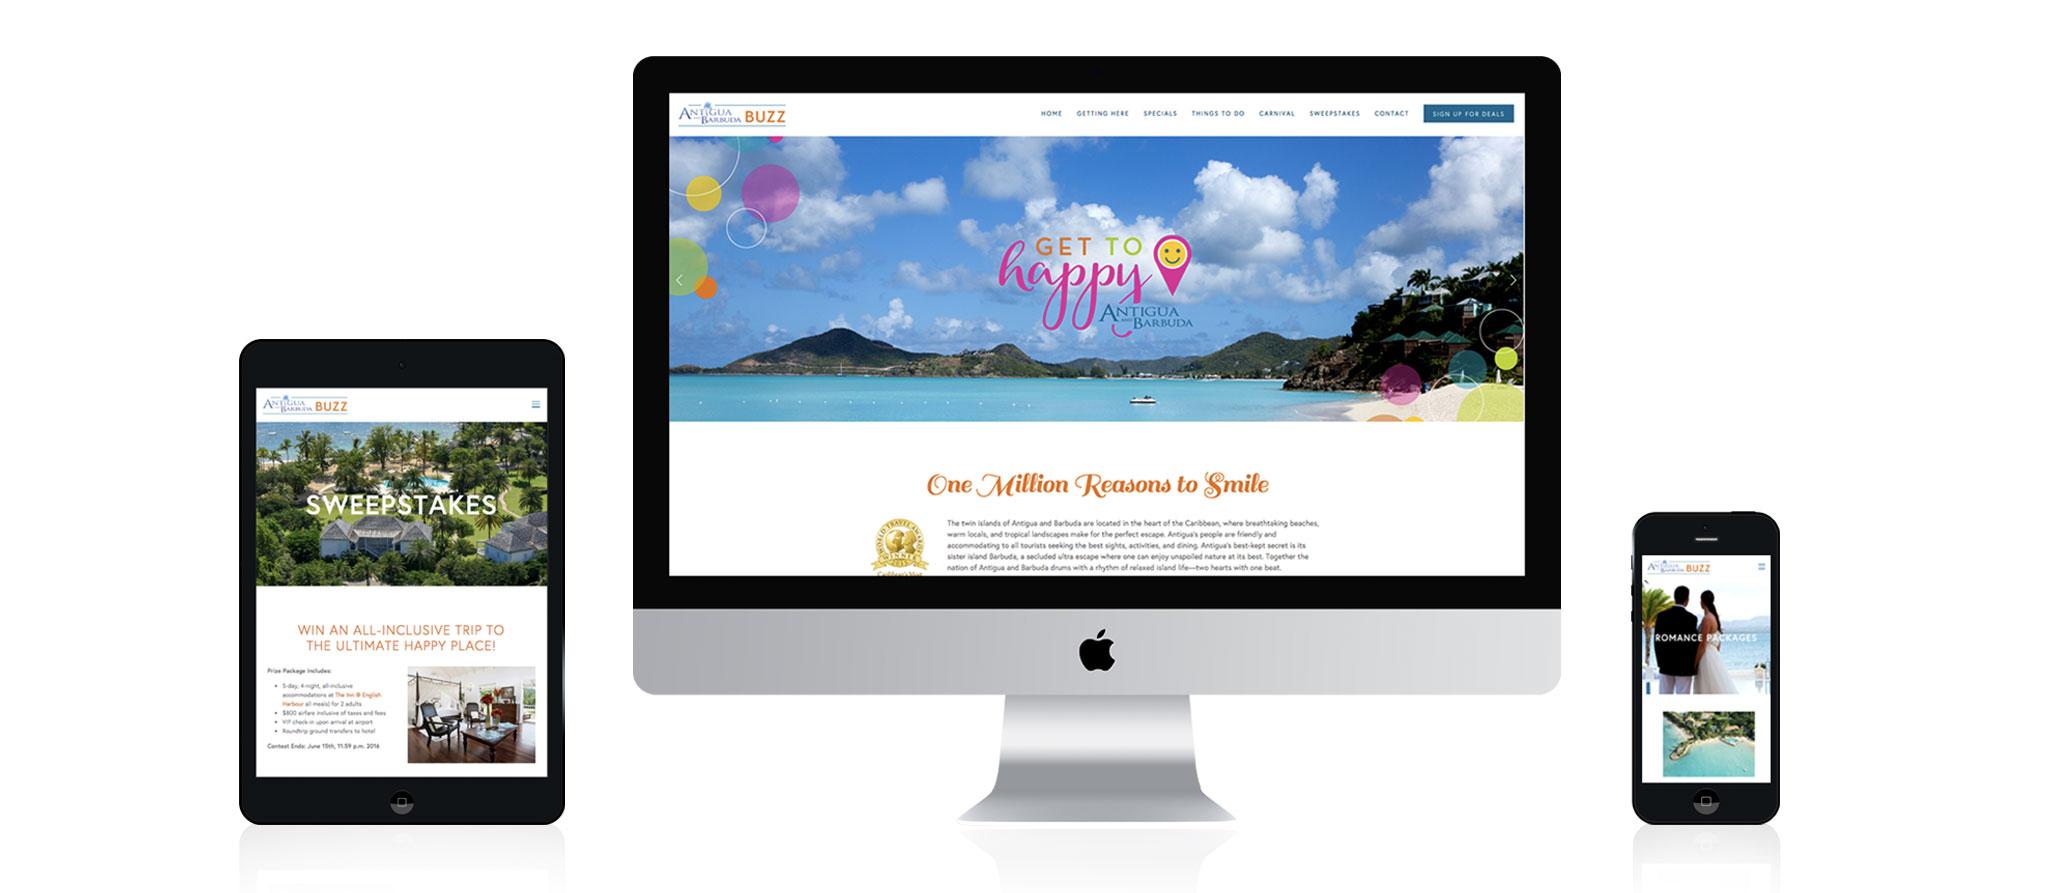 Antigua-and-Barbuda_12.jpg